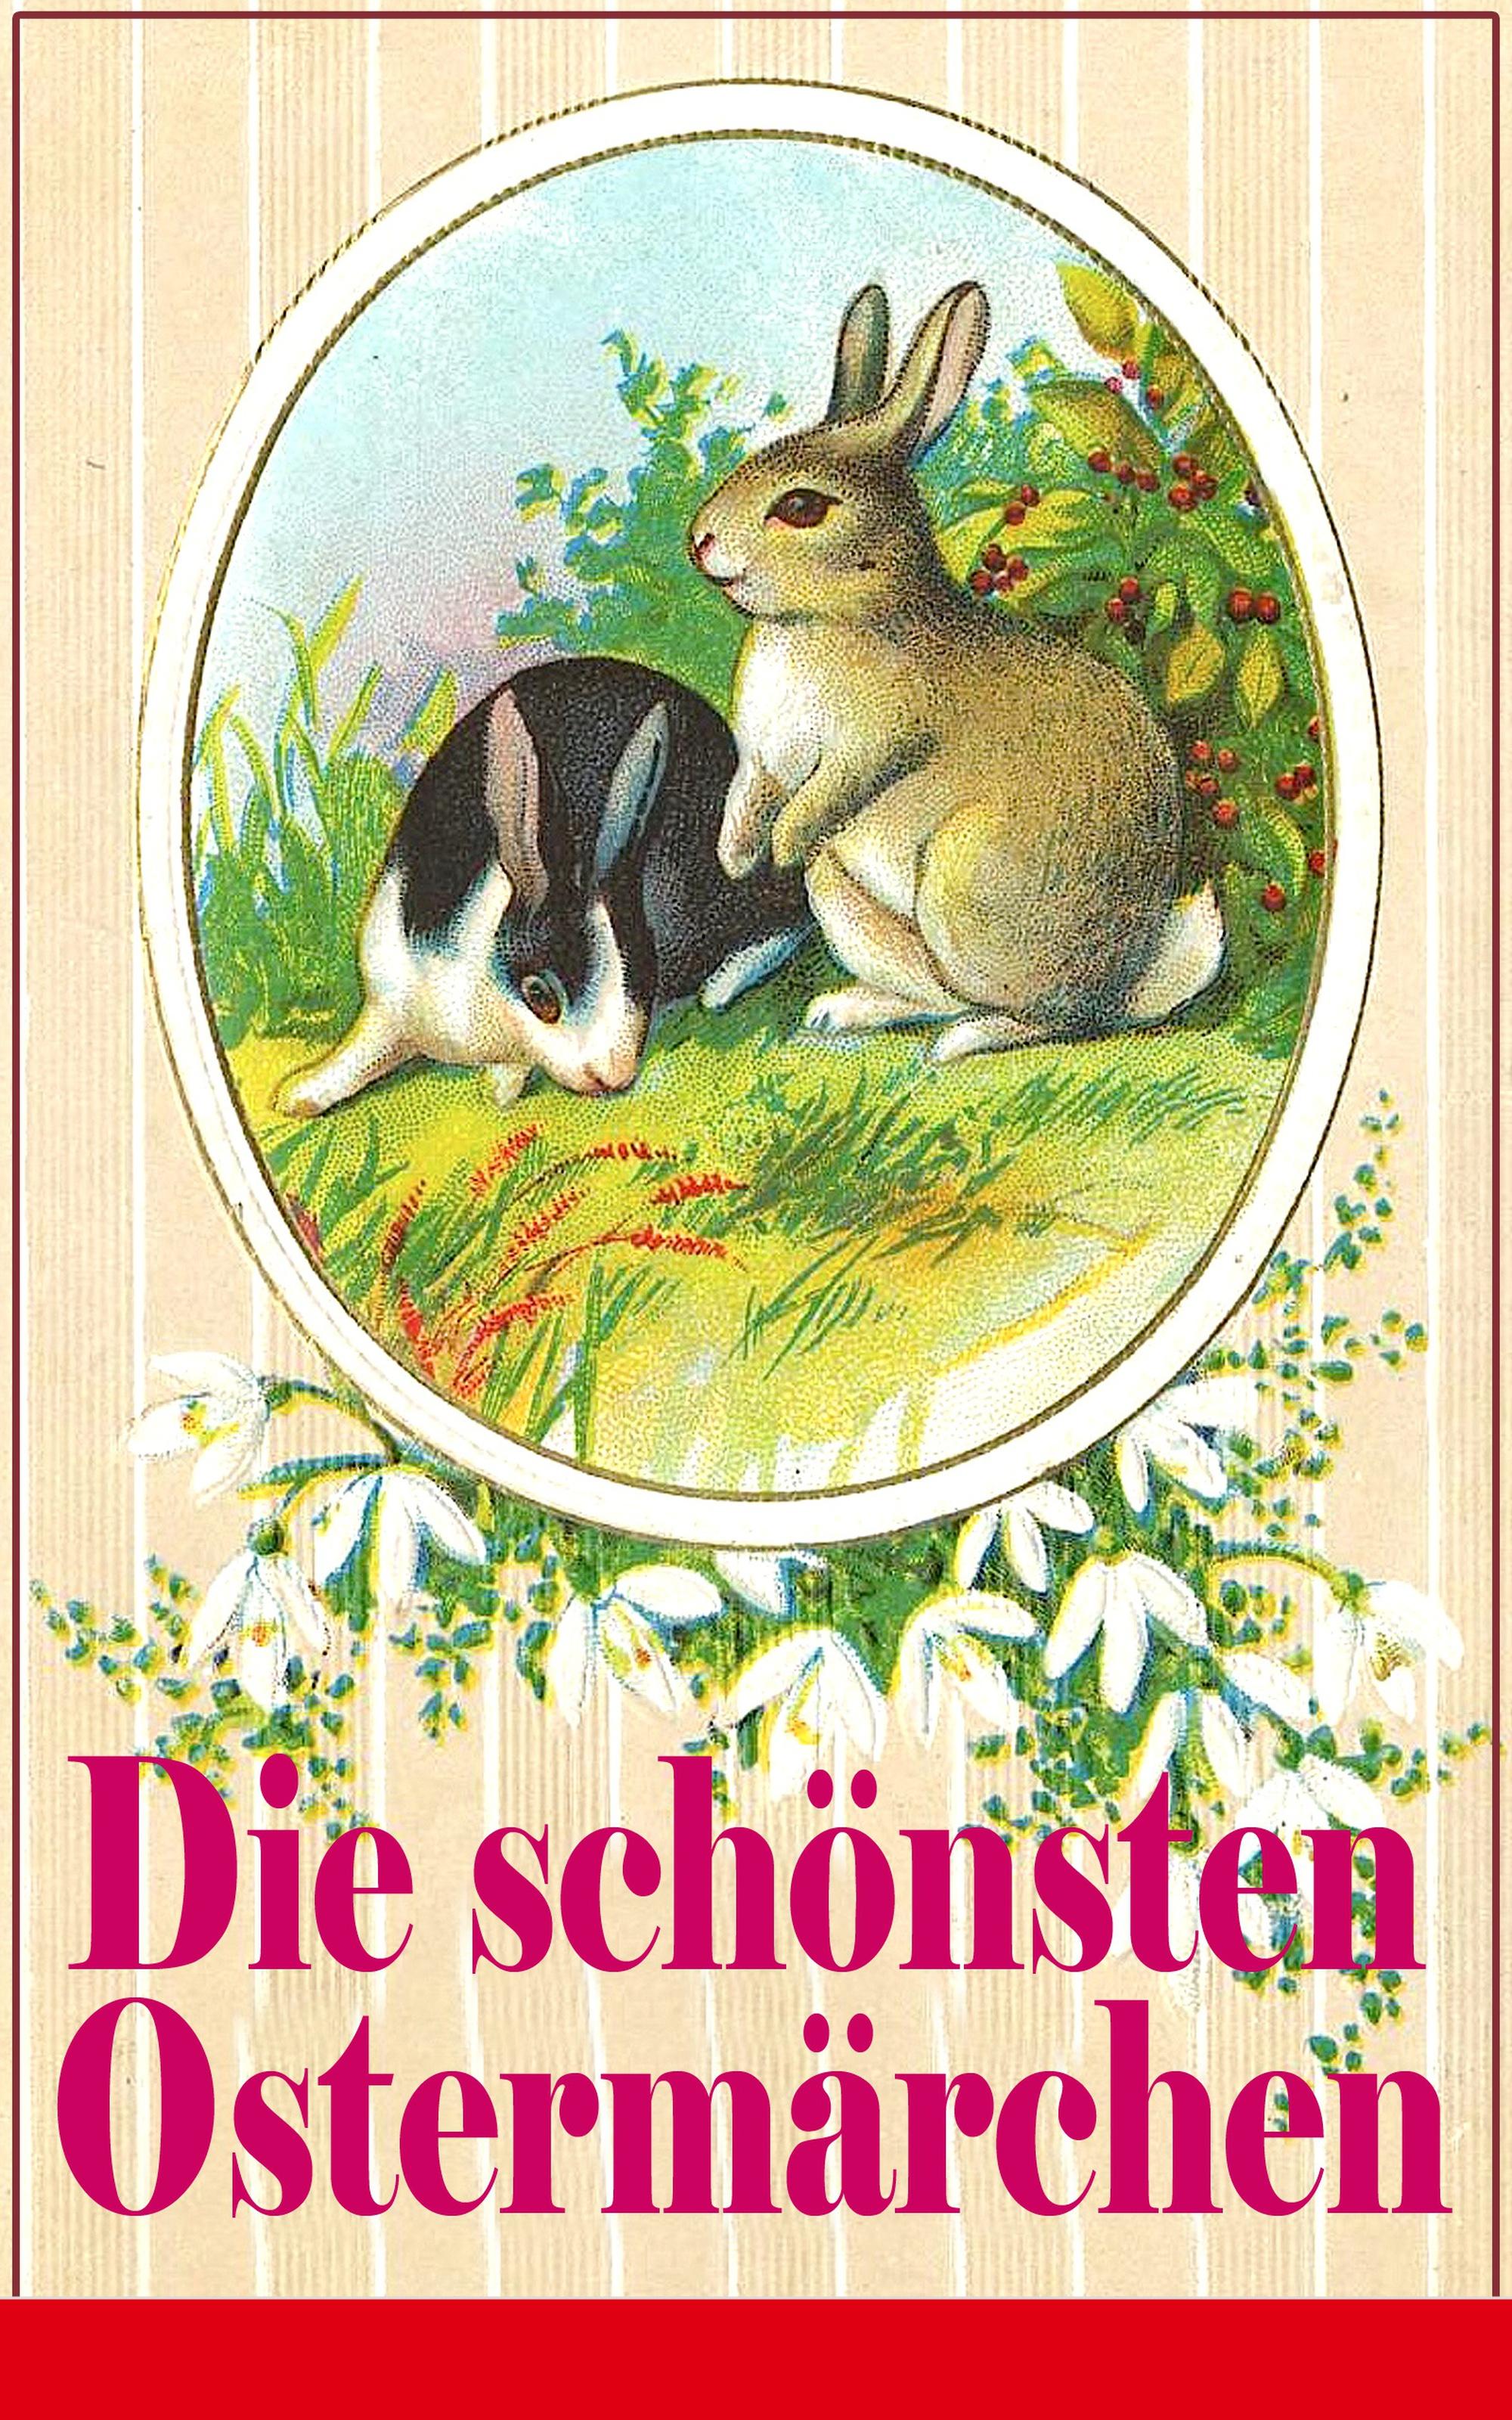 Ludwig Ganghofer Die schönsten Ostermärchen ludwig ganghofer die schönsten heimatromane von ludwig ganghofer